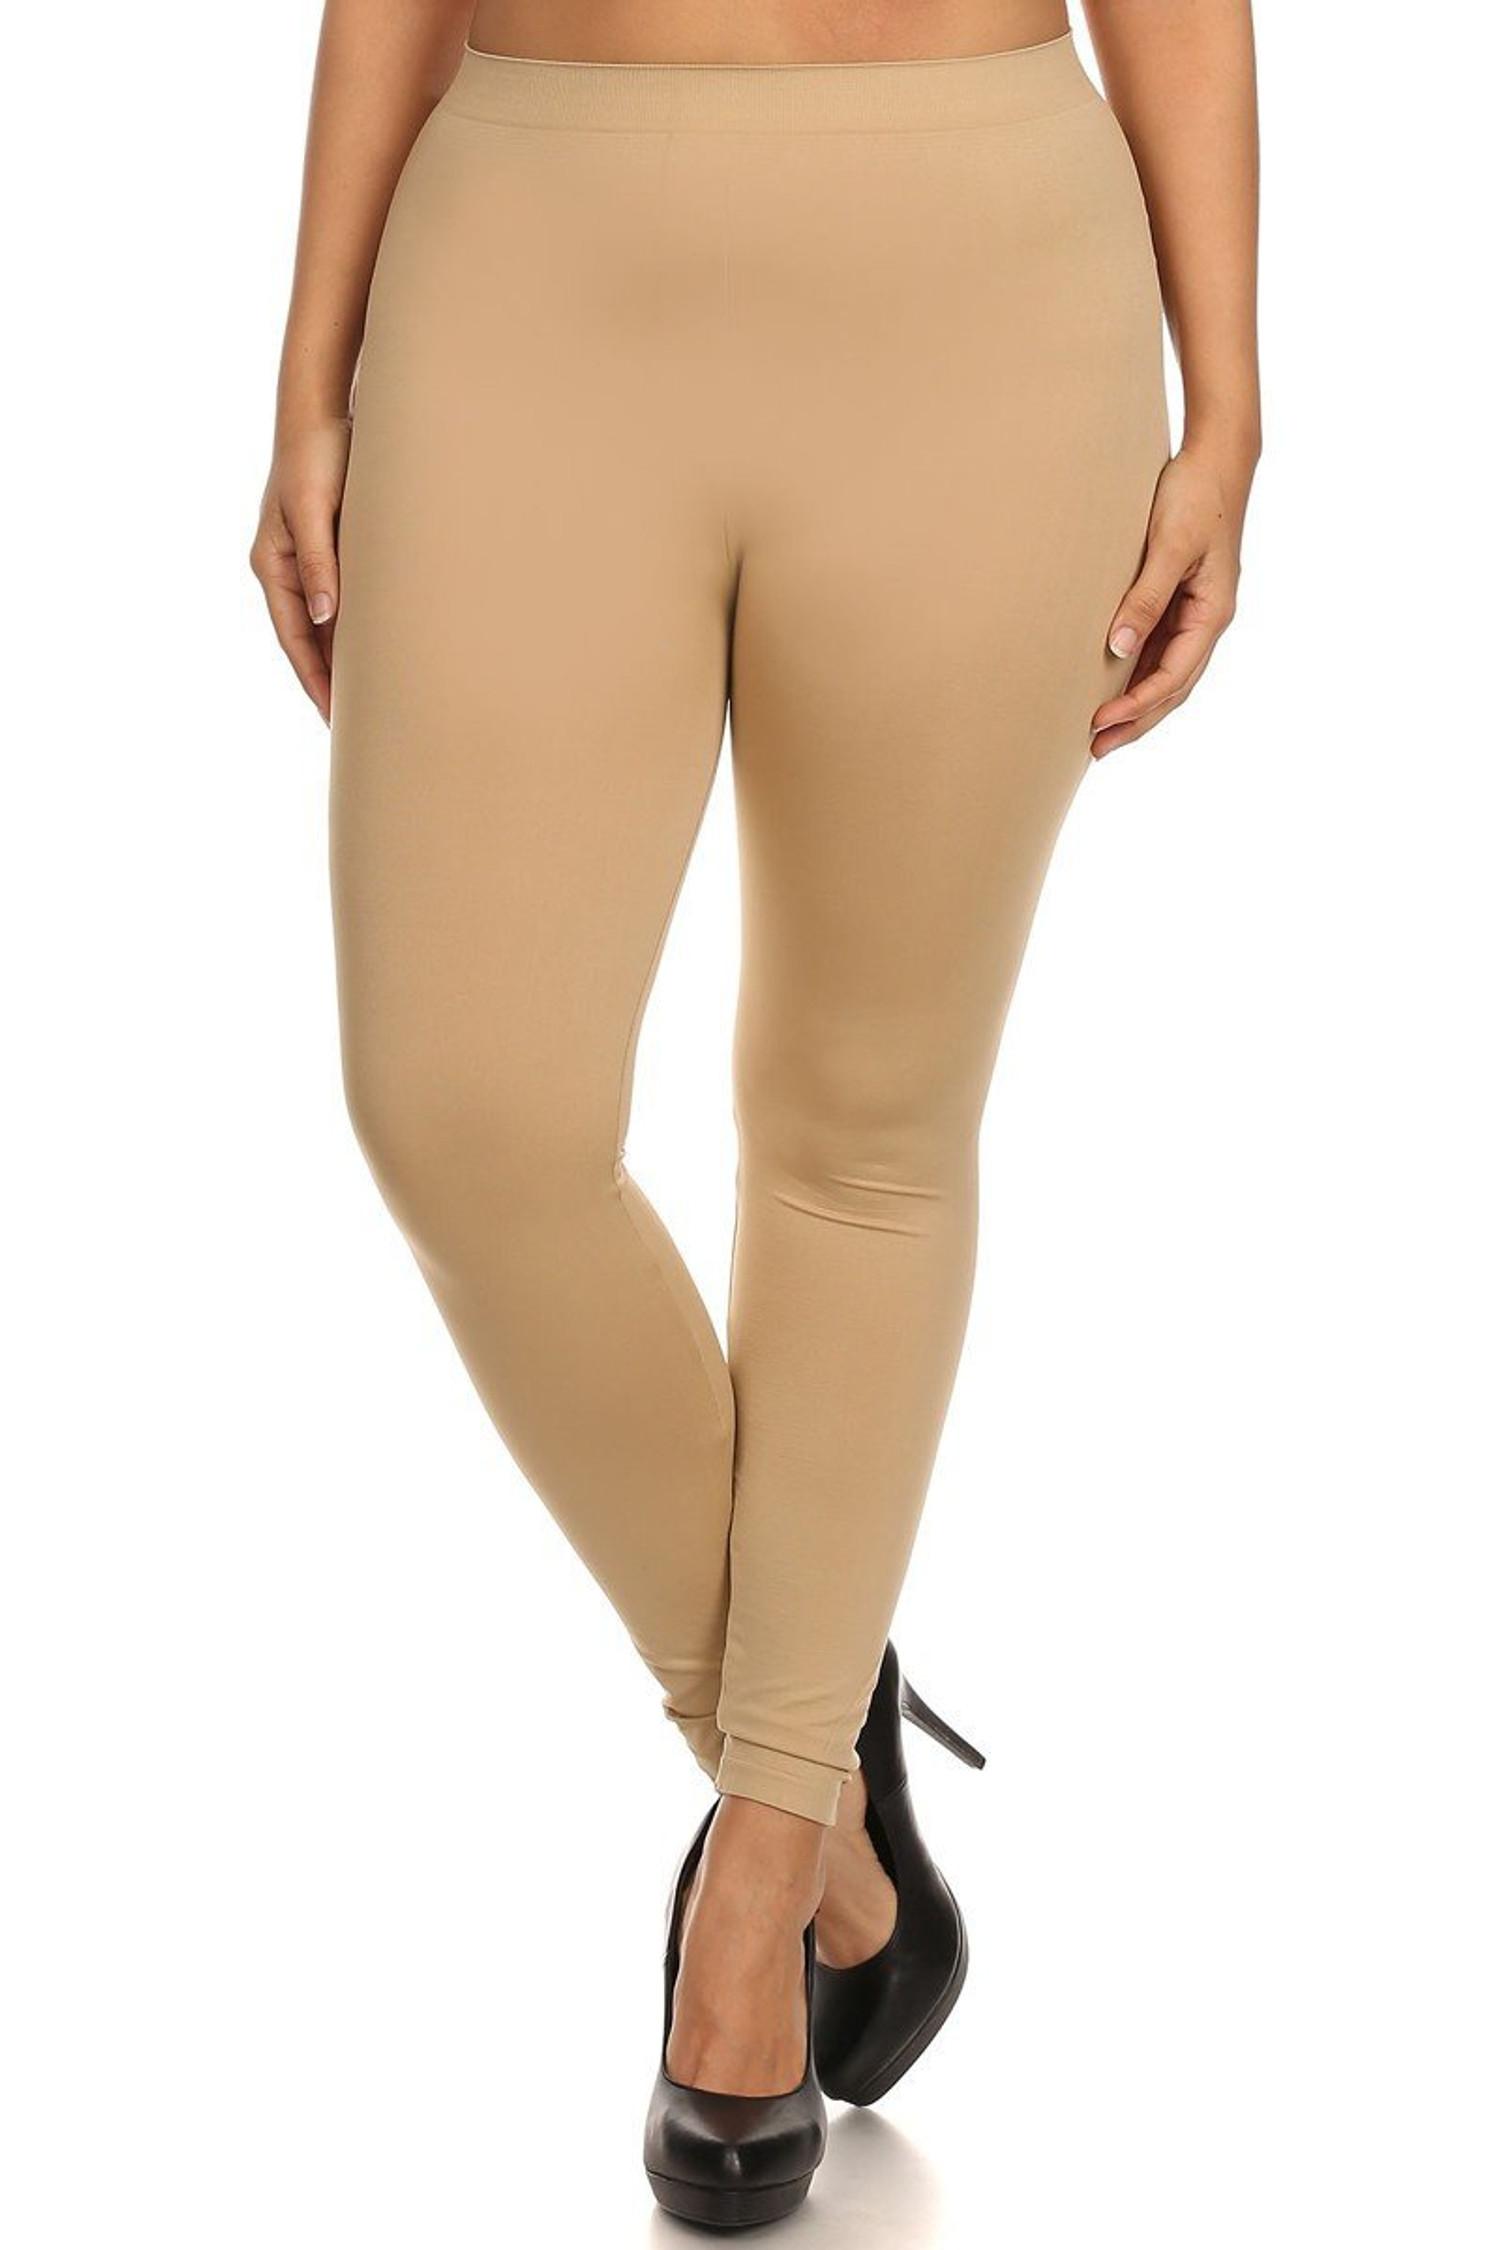 Beige Full Length Nylon Spandex Leggings - Plus Size